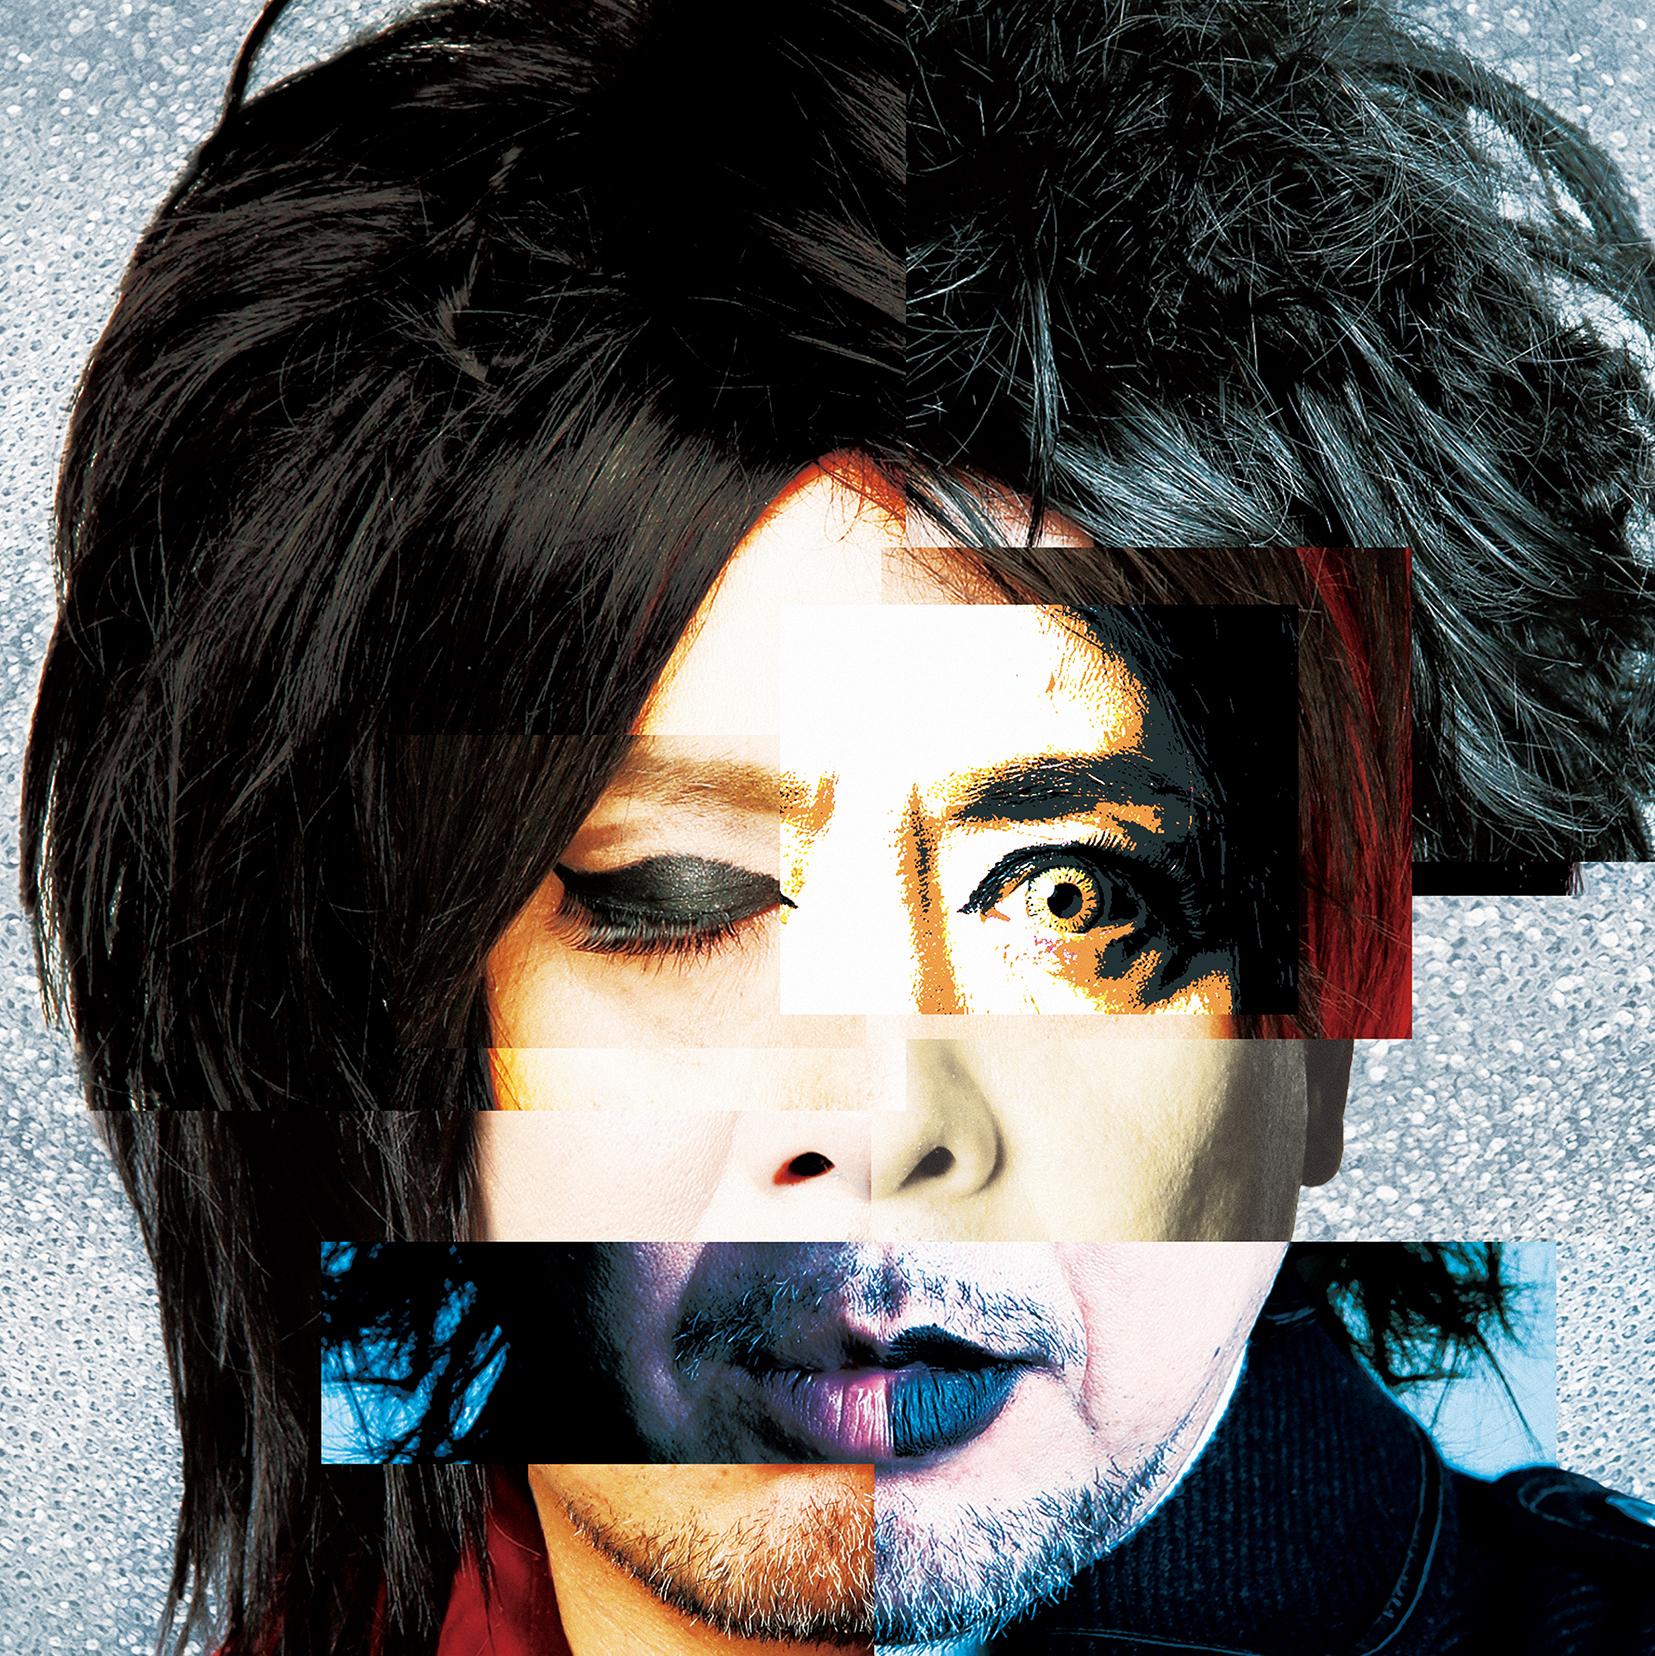 ANALOG LP 「ダークネス・スペシャル・バージョン」